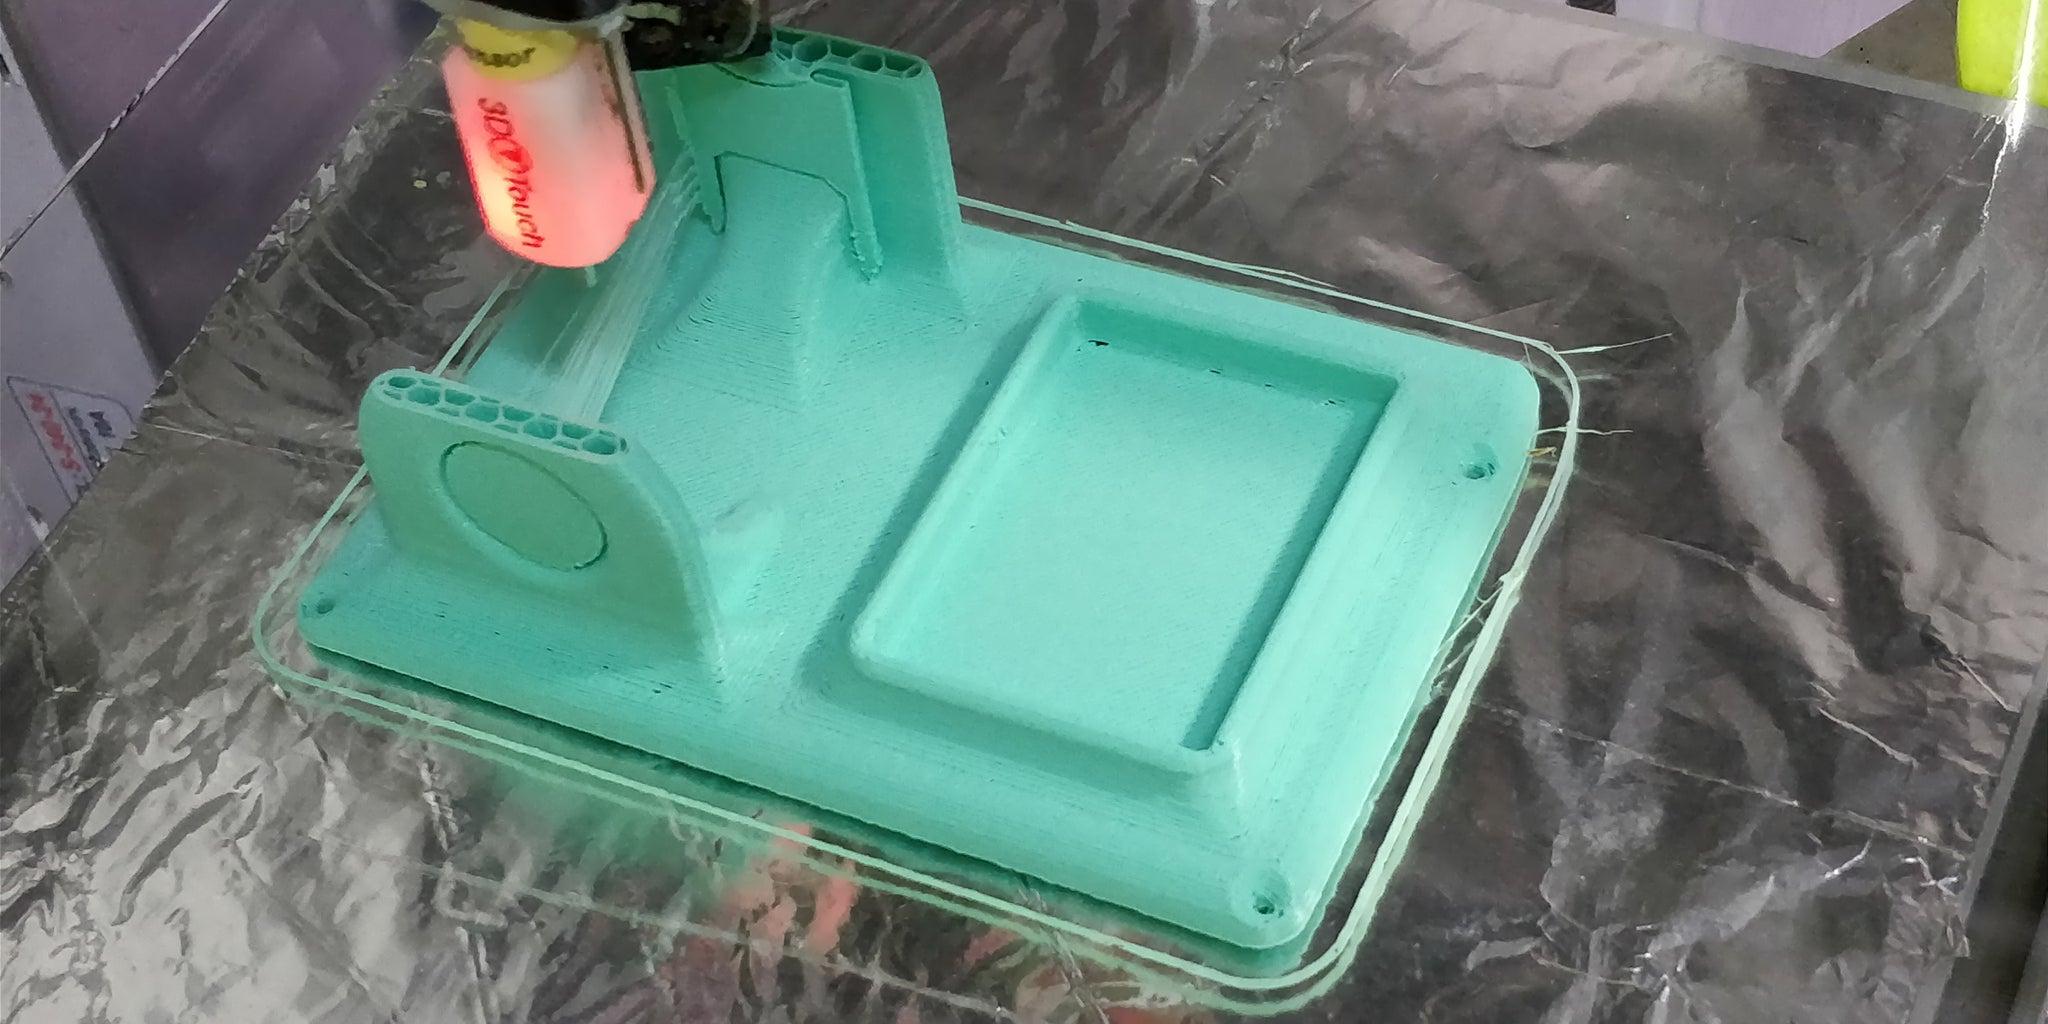 3D Printer Files